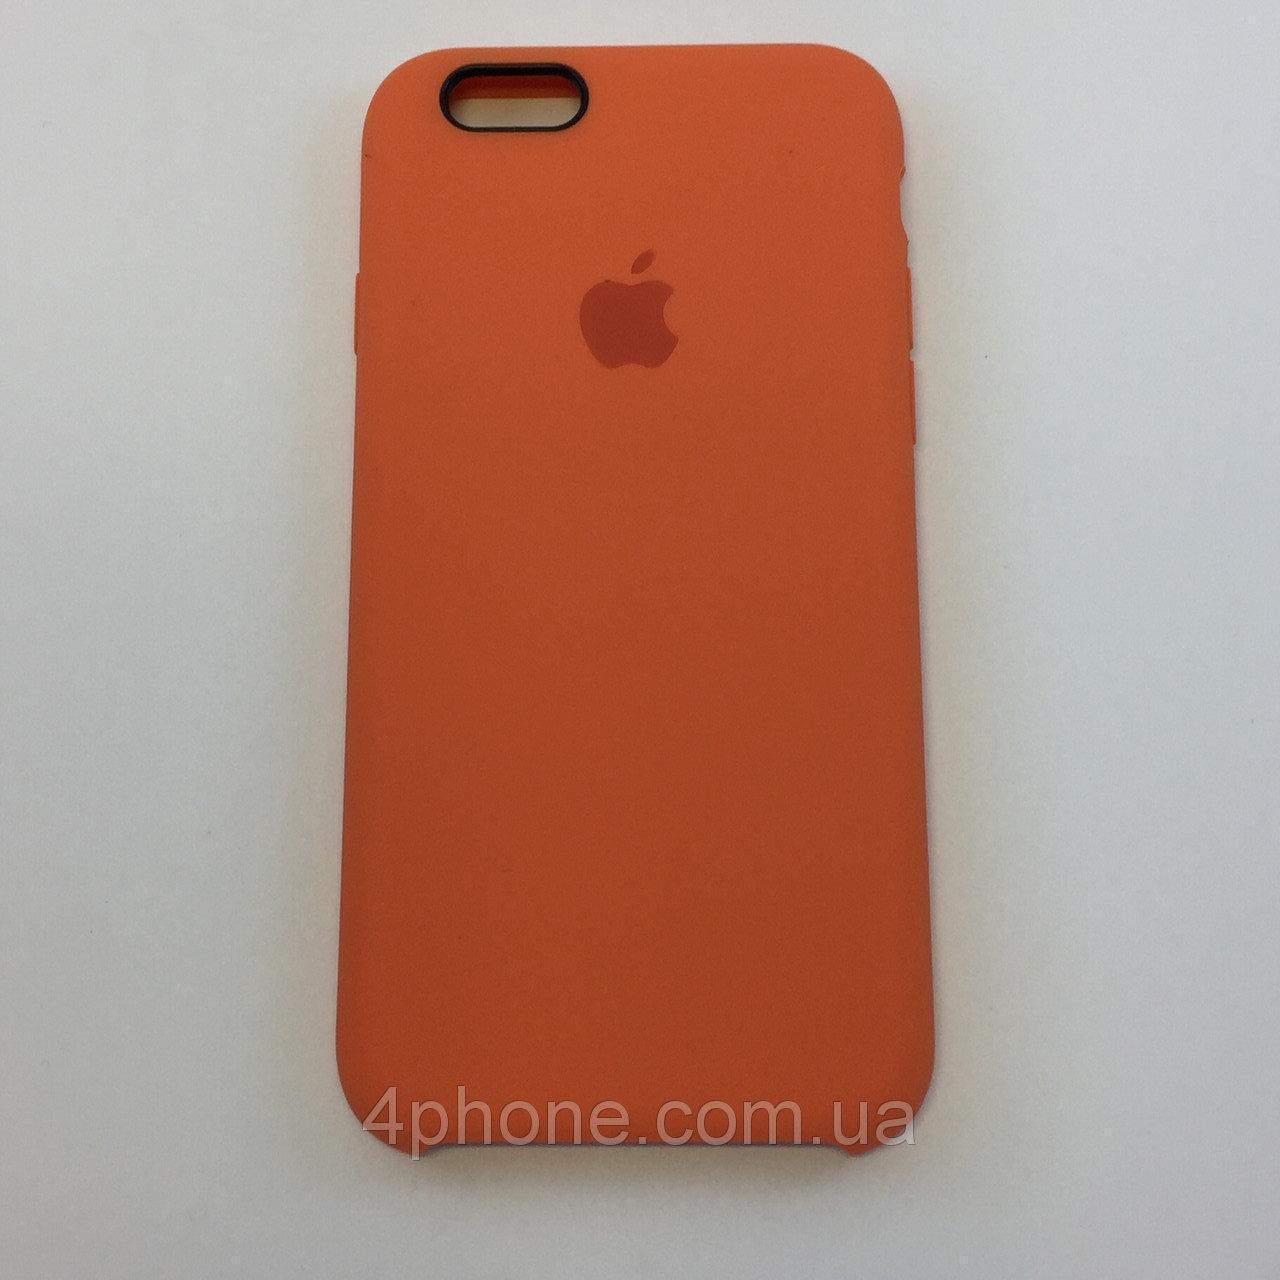 """Чехол Silicon iPhone 6 Plus - """"Абрикос №2"""""""